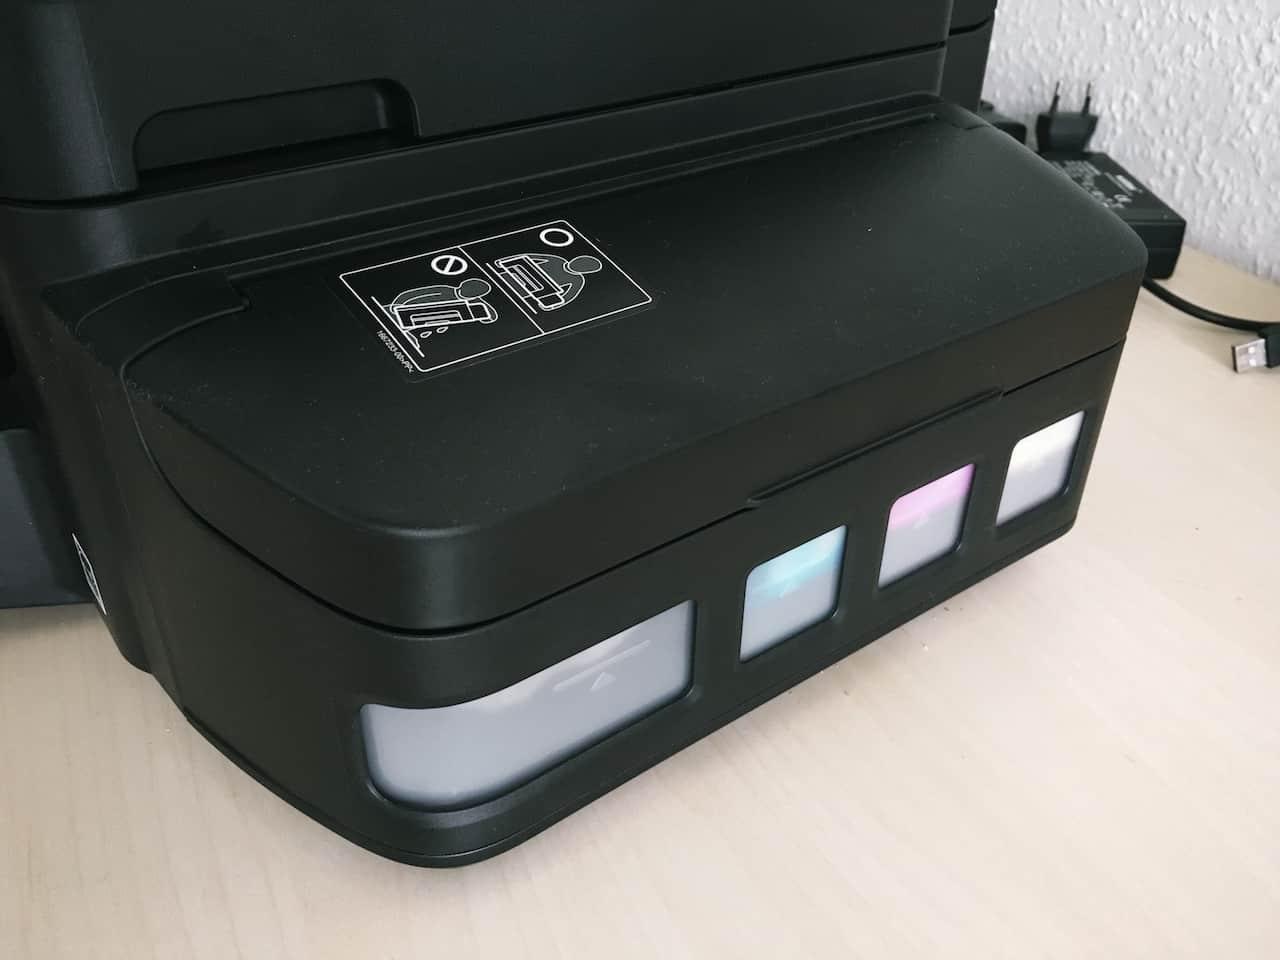 Kipróbáltuk a kis irodák ideális nyomtatóját: nagyon költséghatékony | Techwok.hu